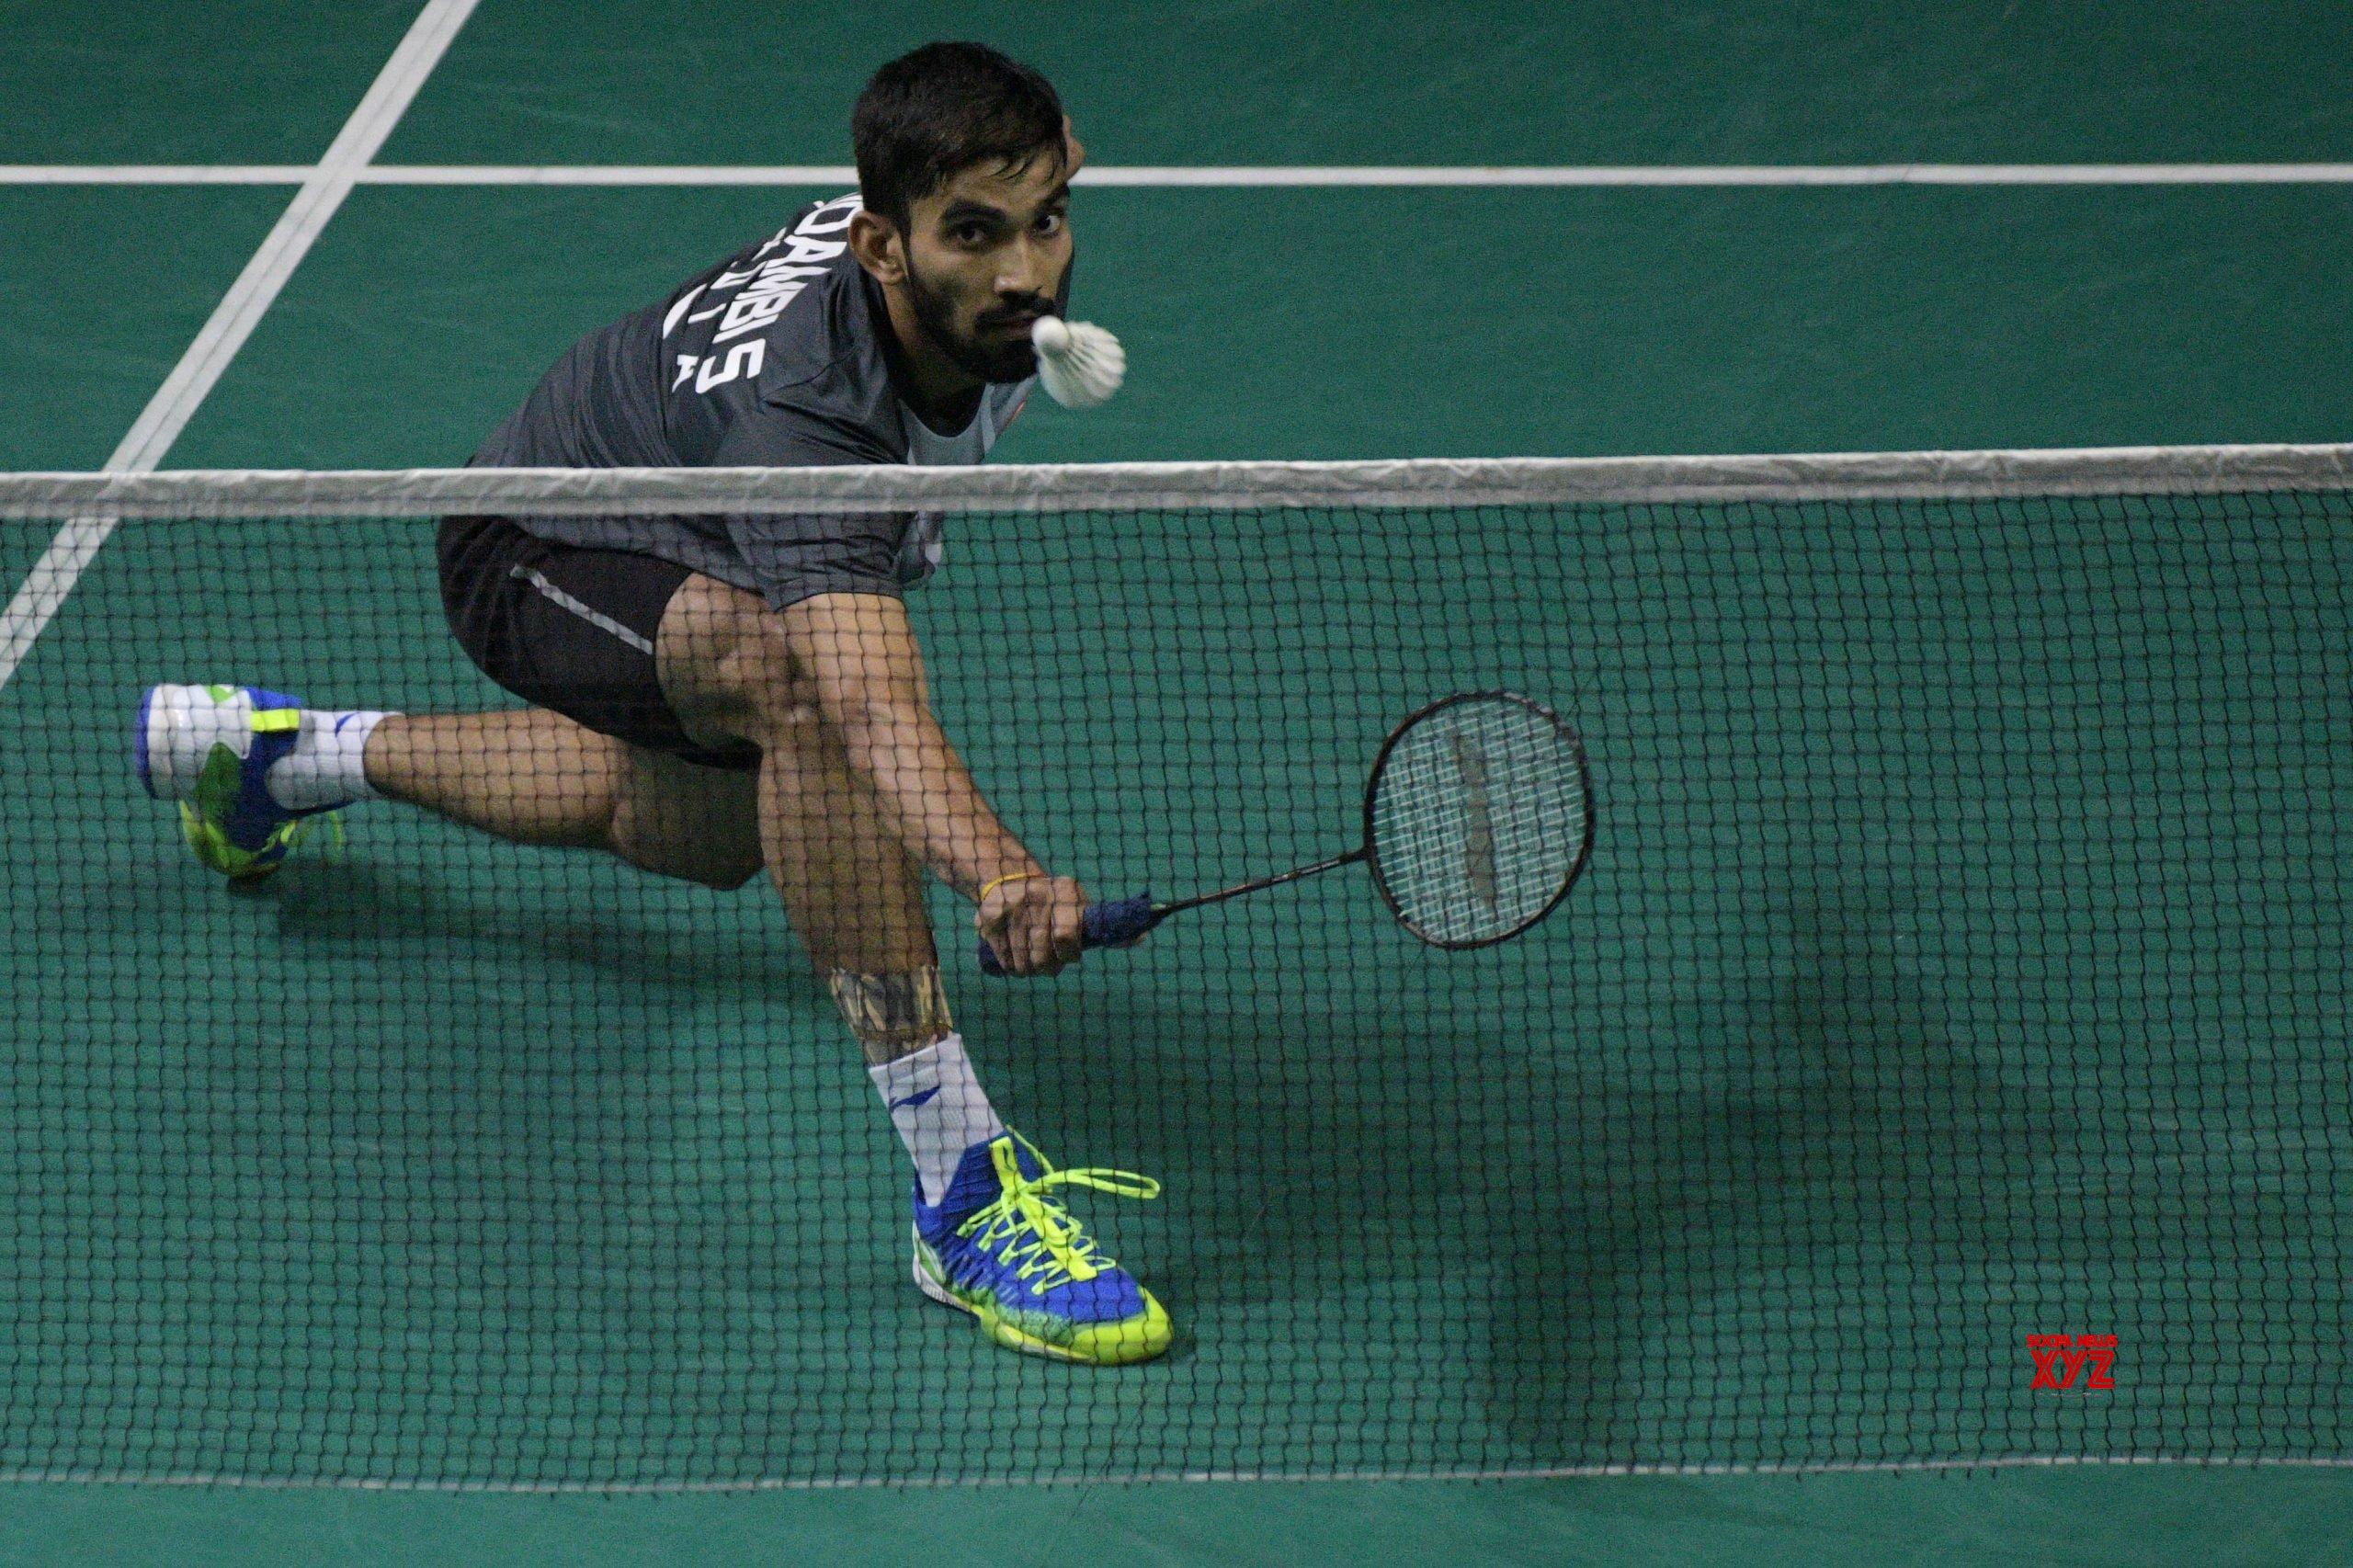 Hong Kong Open: Kidambi Srikanth loses in semis